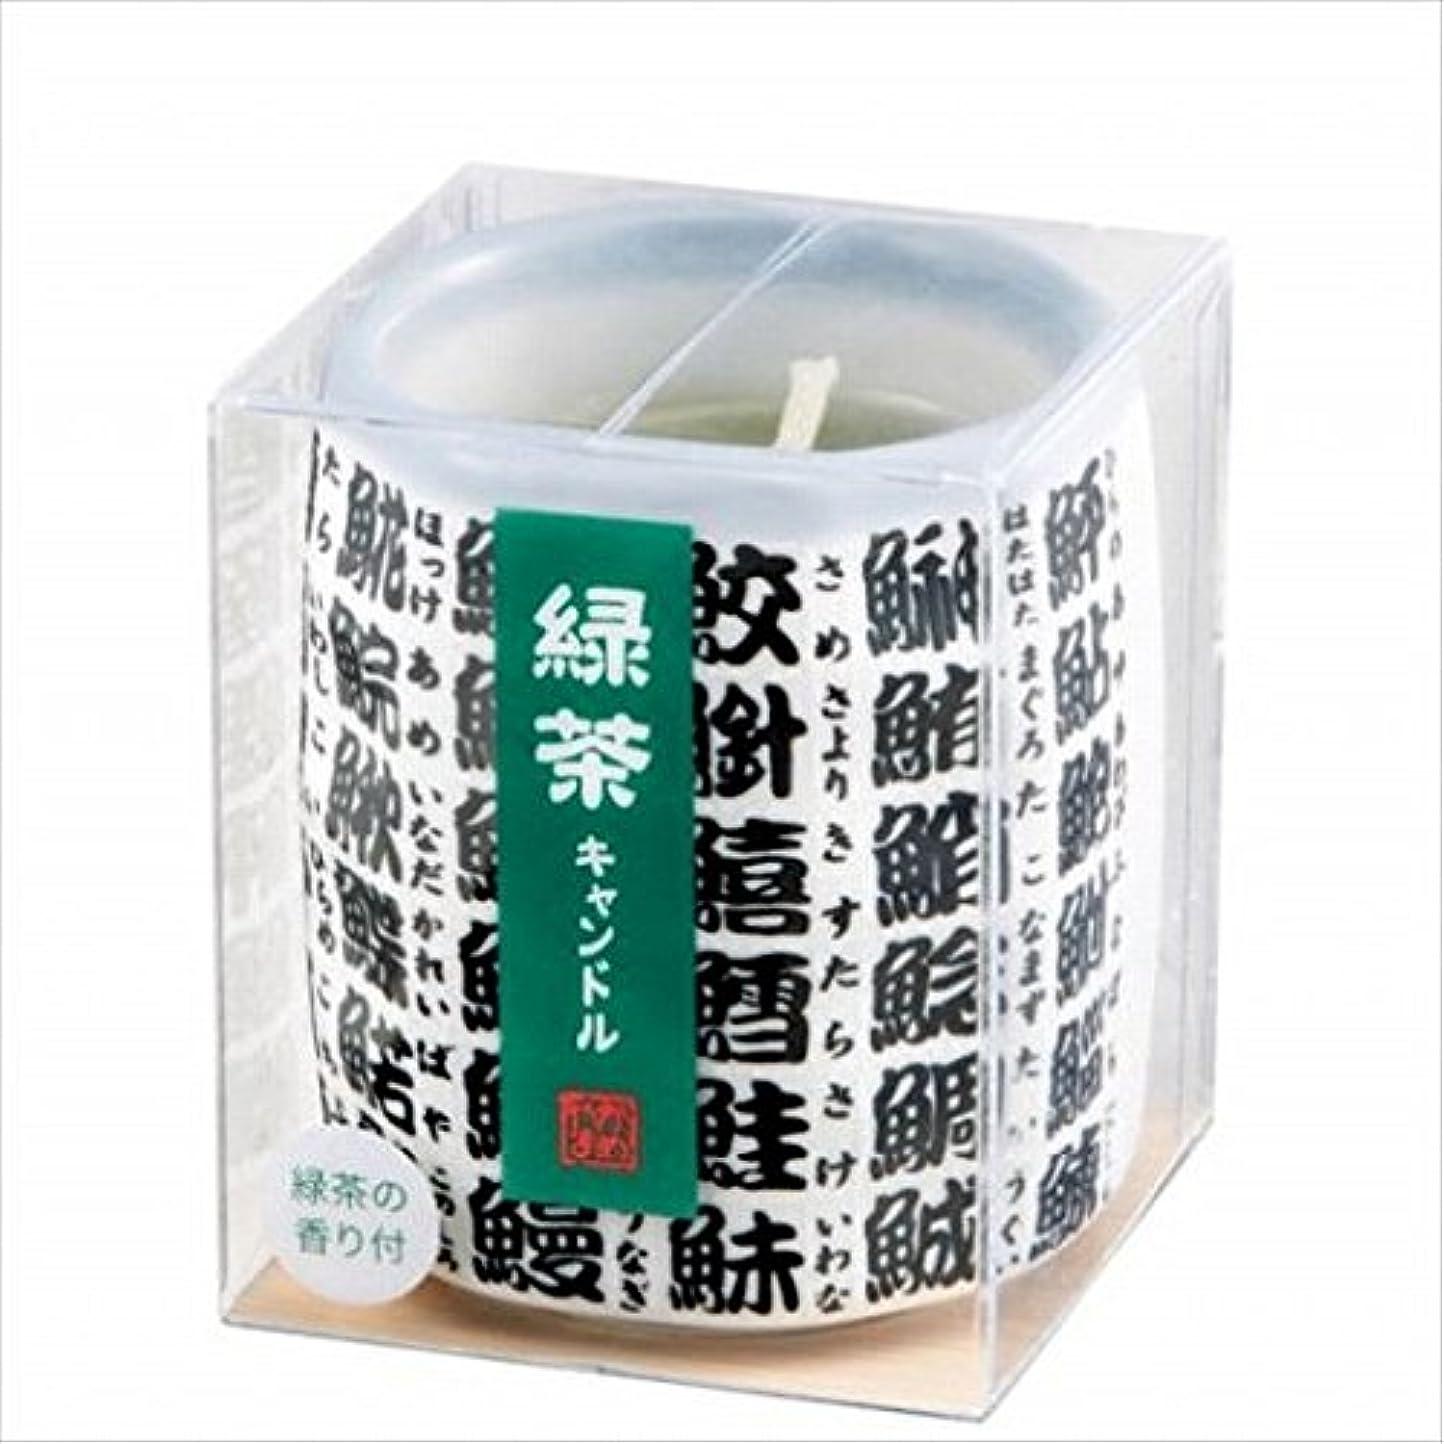 補助金ロケットクラッシュkameyama candle(カメヤマキャンドル) 緑茶キャンドル(小)(86070010)